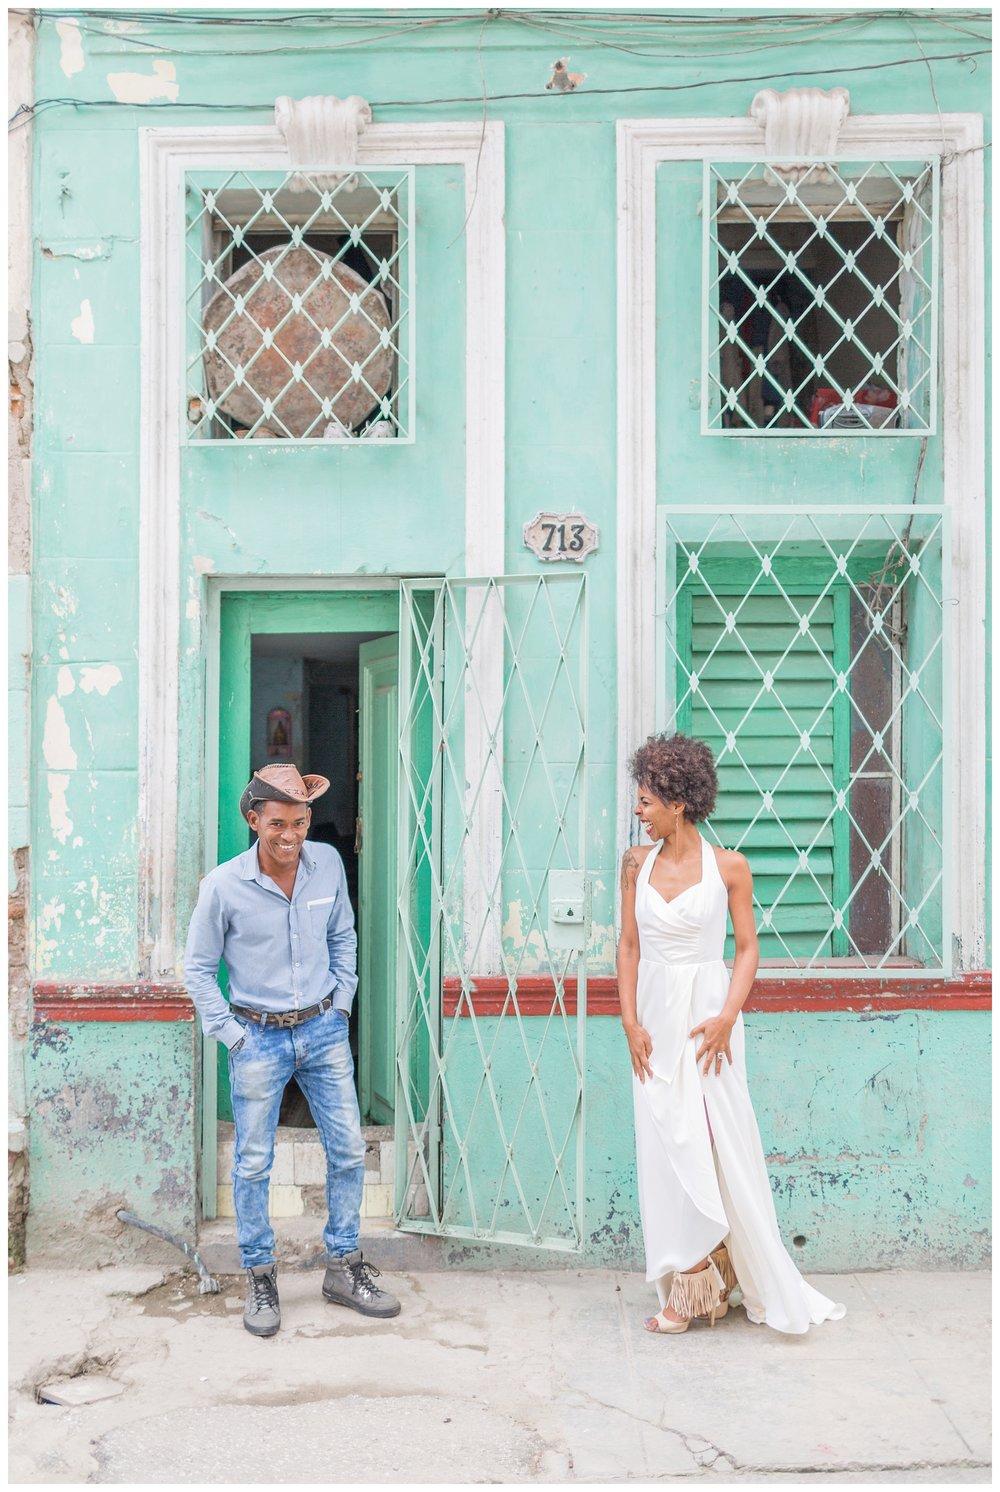 Cuba Editorial Photo Shoot_0013.jpg